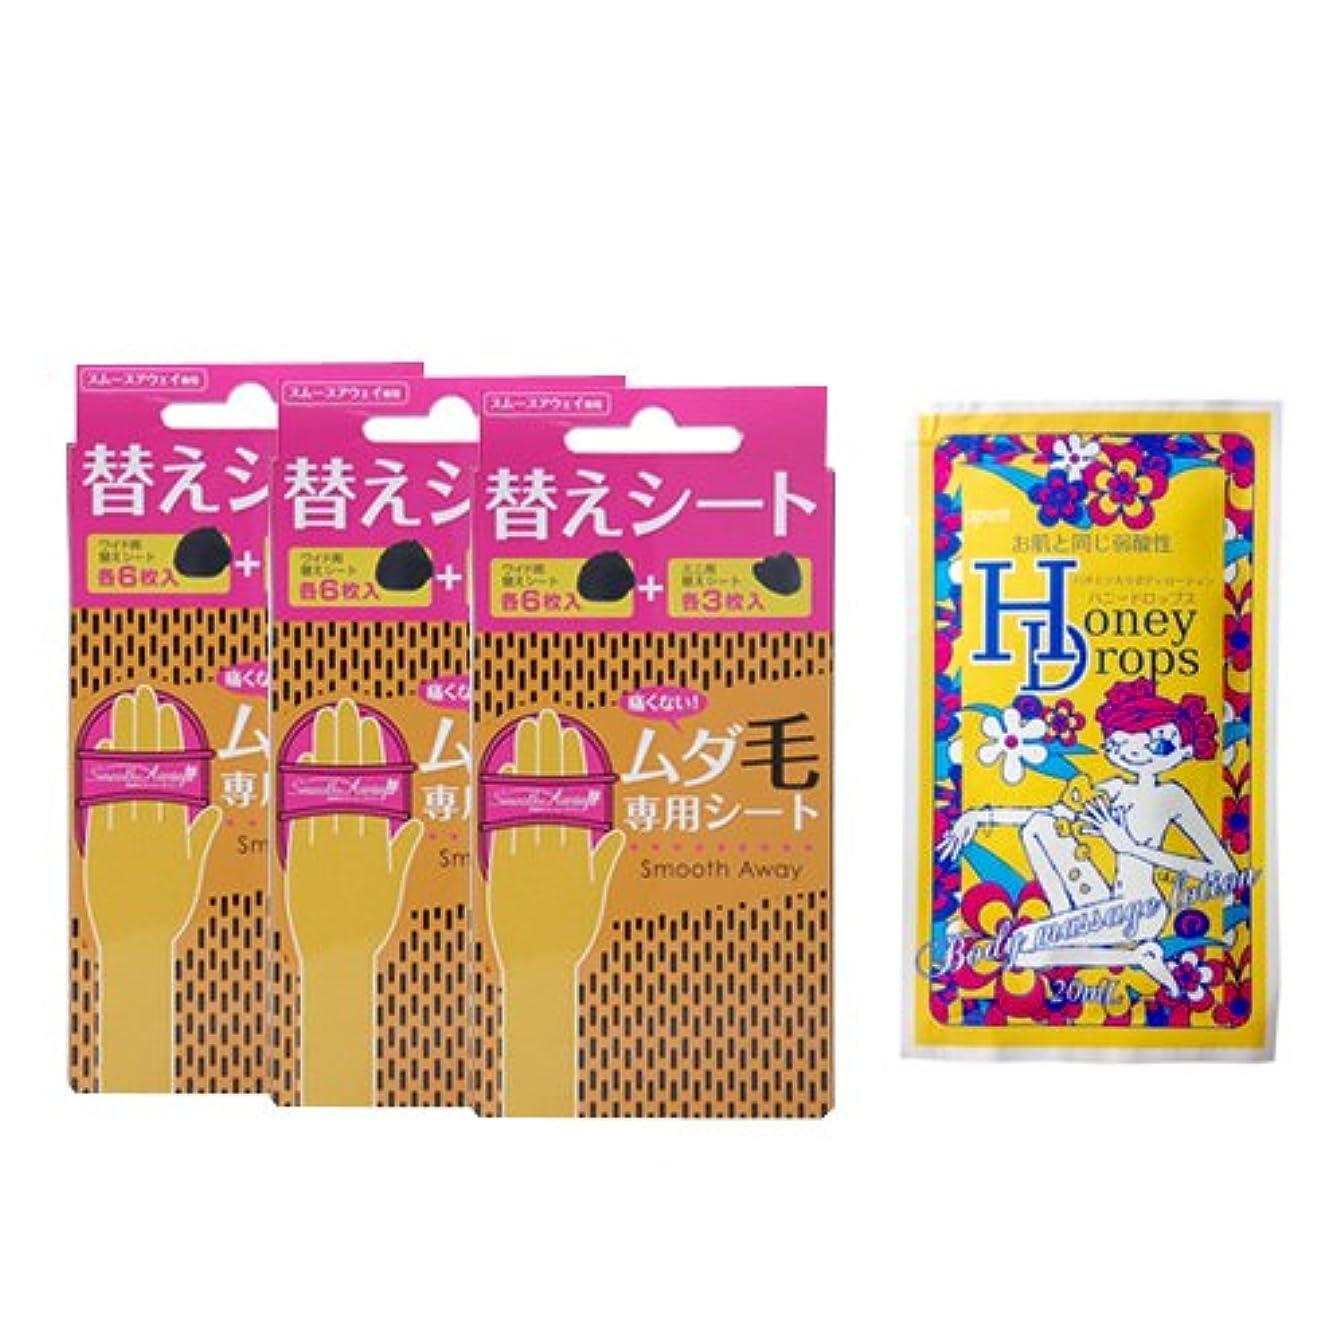 白雪姫ゲストインデックススムースアウェイ替えシート × 3個 + ハニードロップス20mlセット